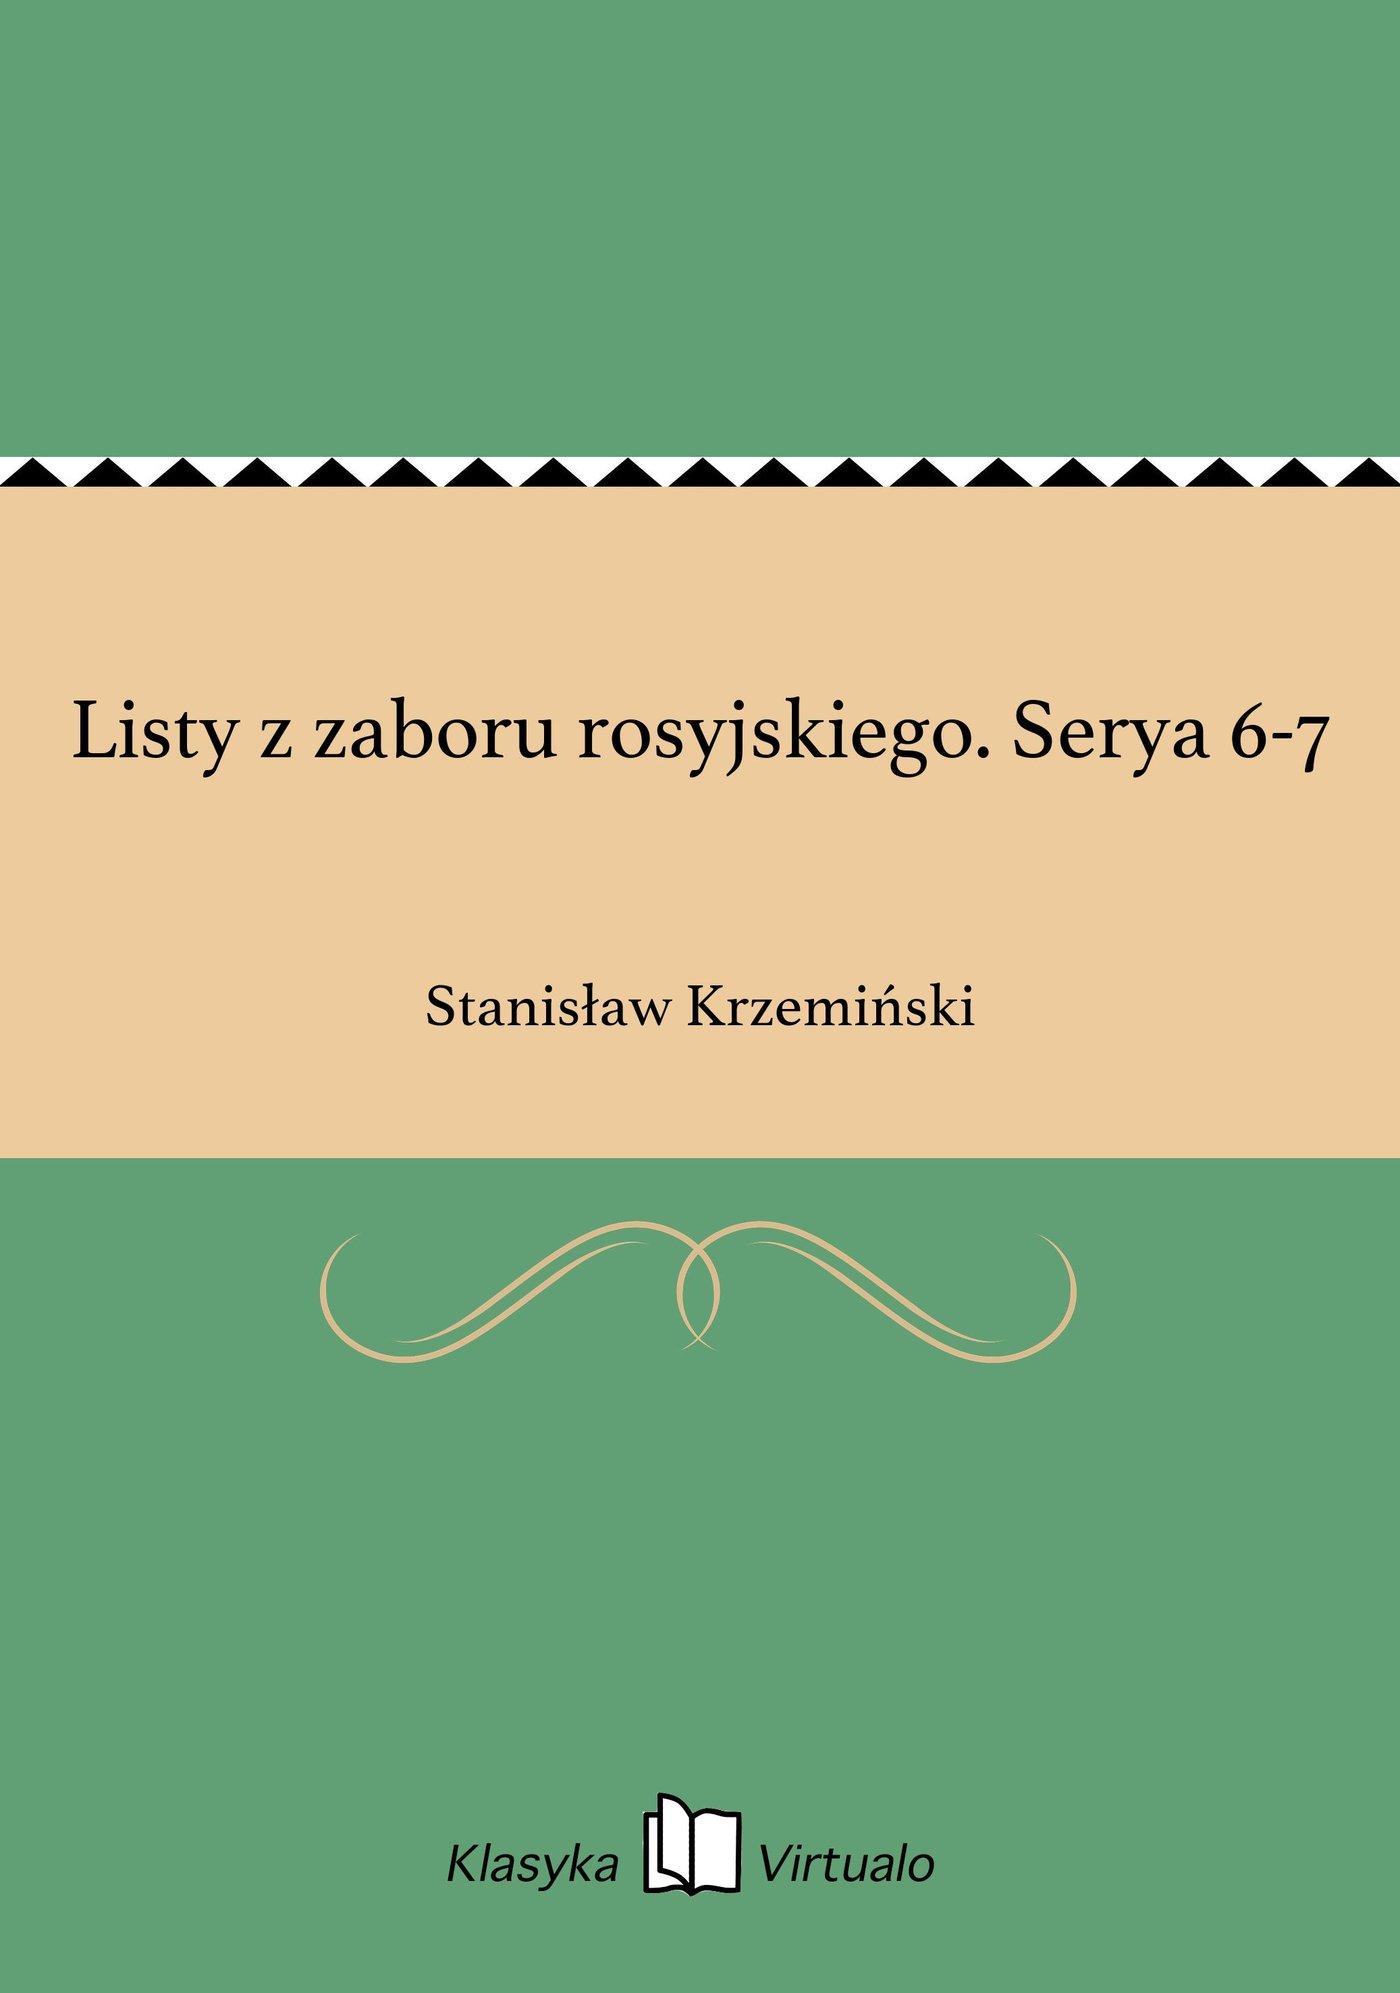 Listy z zaboru rosyjskiego. Serya 6-7 - Ebook (Książka na Kindle) do pobrania w formacie MOBI